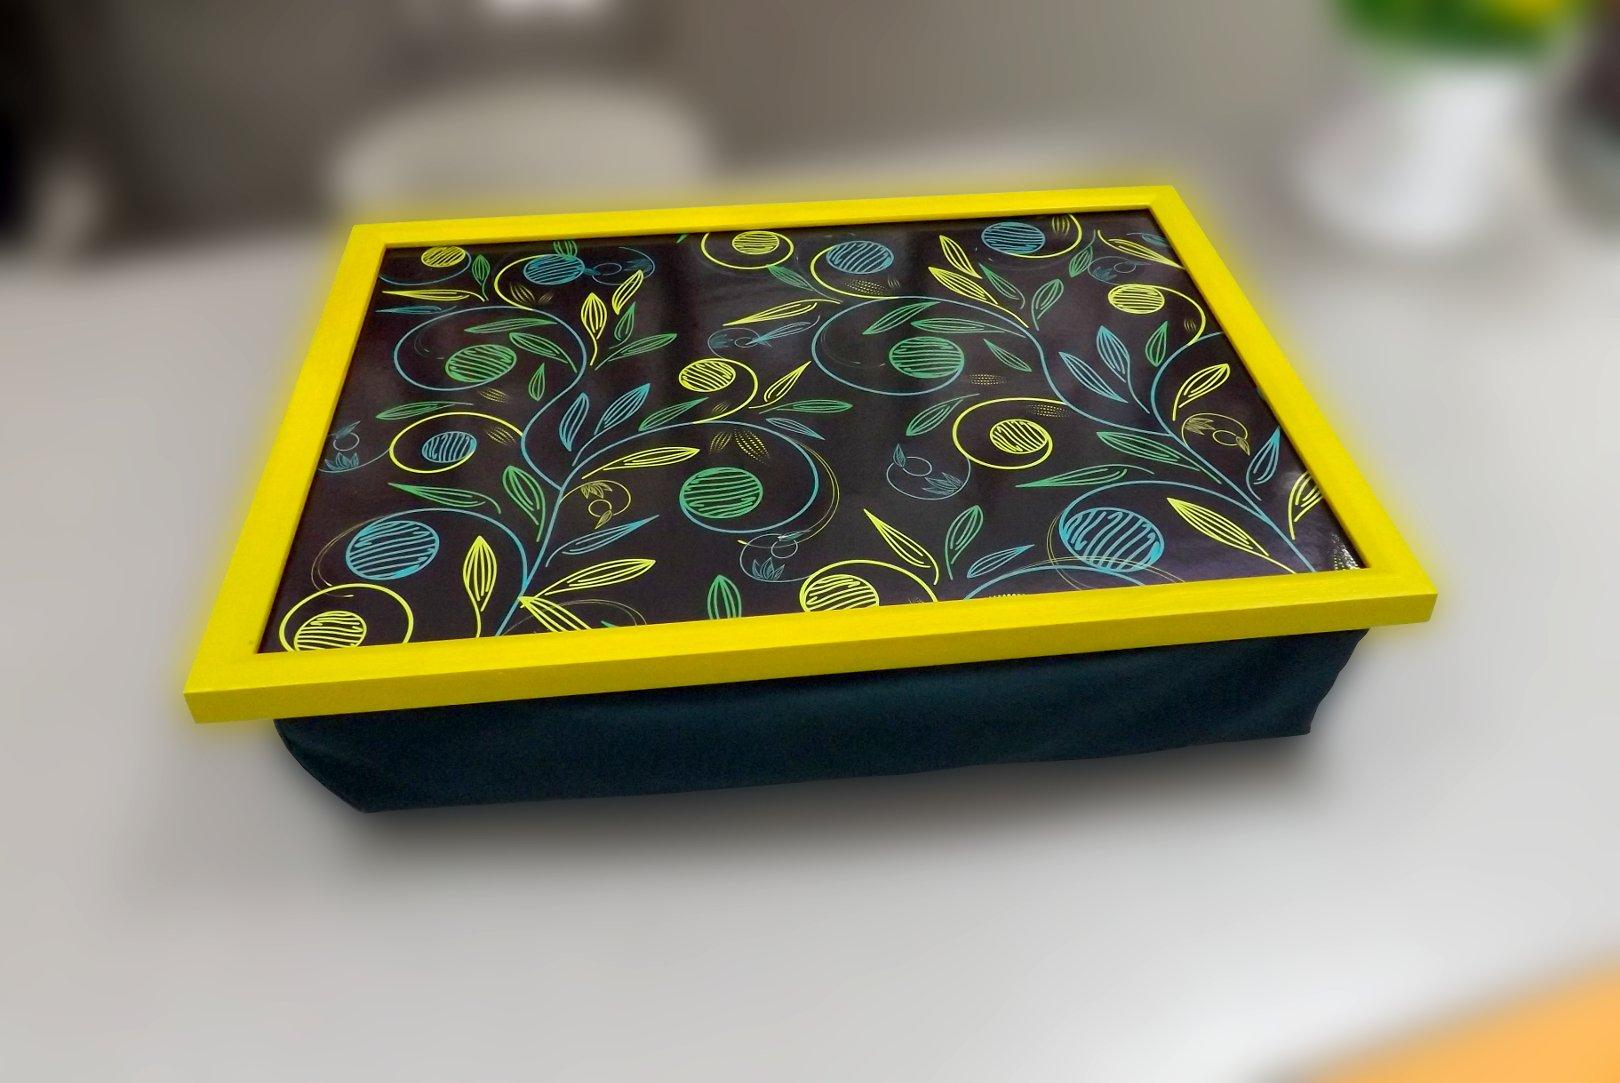 Поднос на подушке со стилизованным изображением растений от Top Art Studio